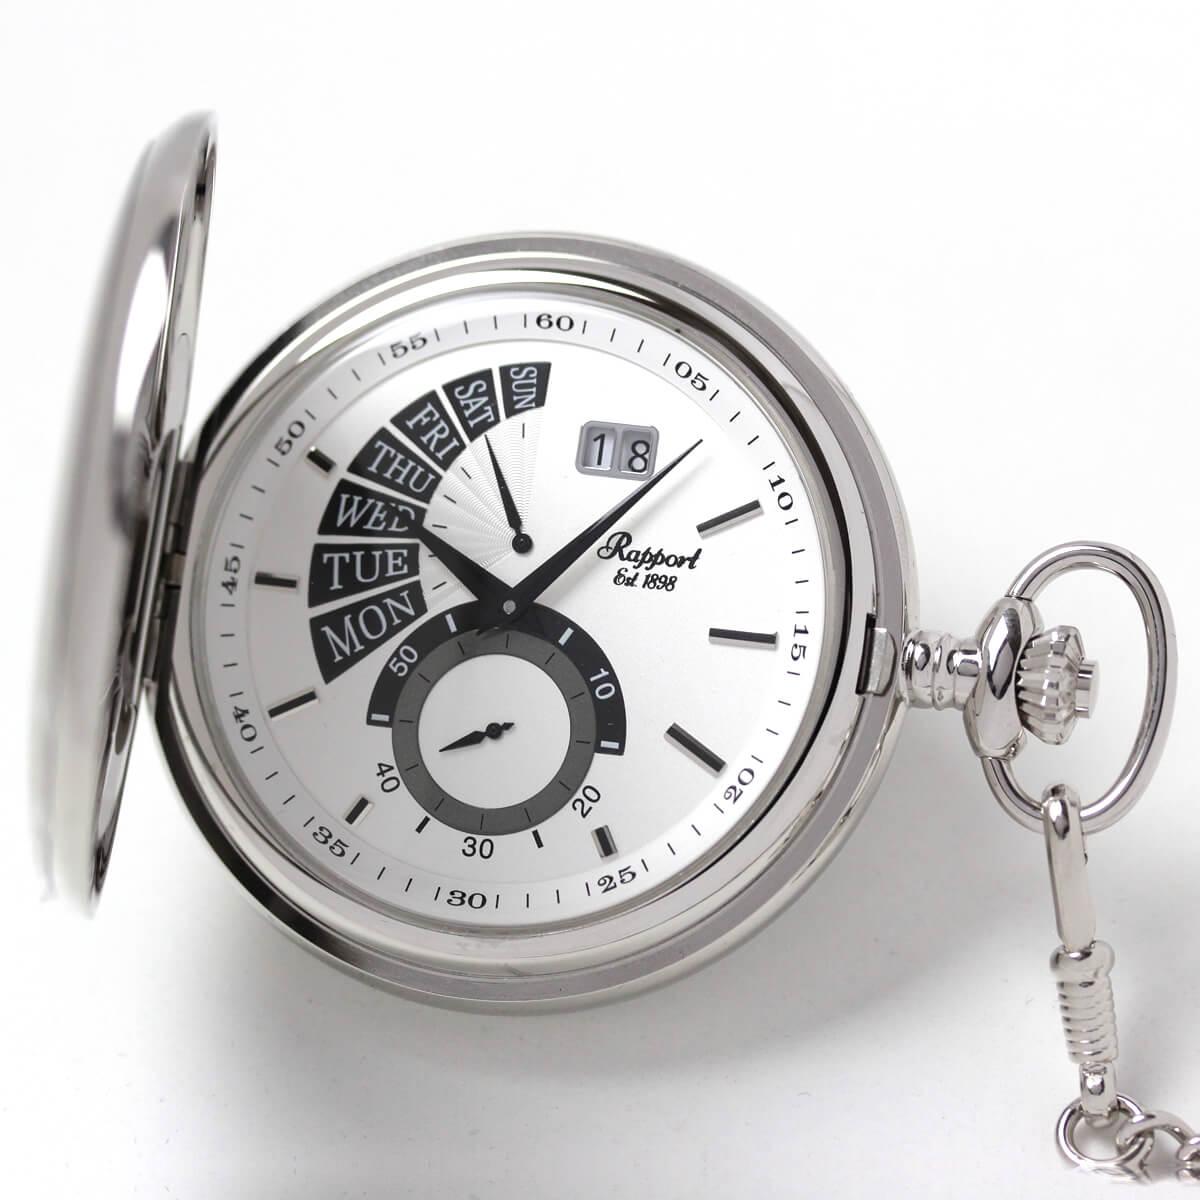 曜日と日付が確認できるクォーツ式の懐中時計